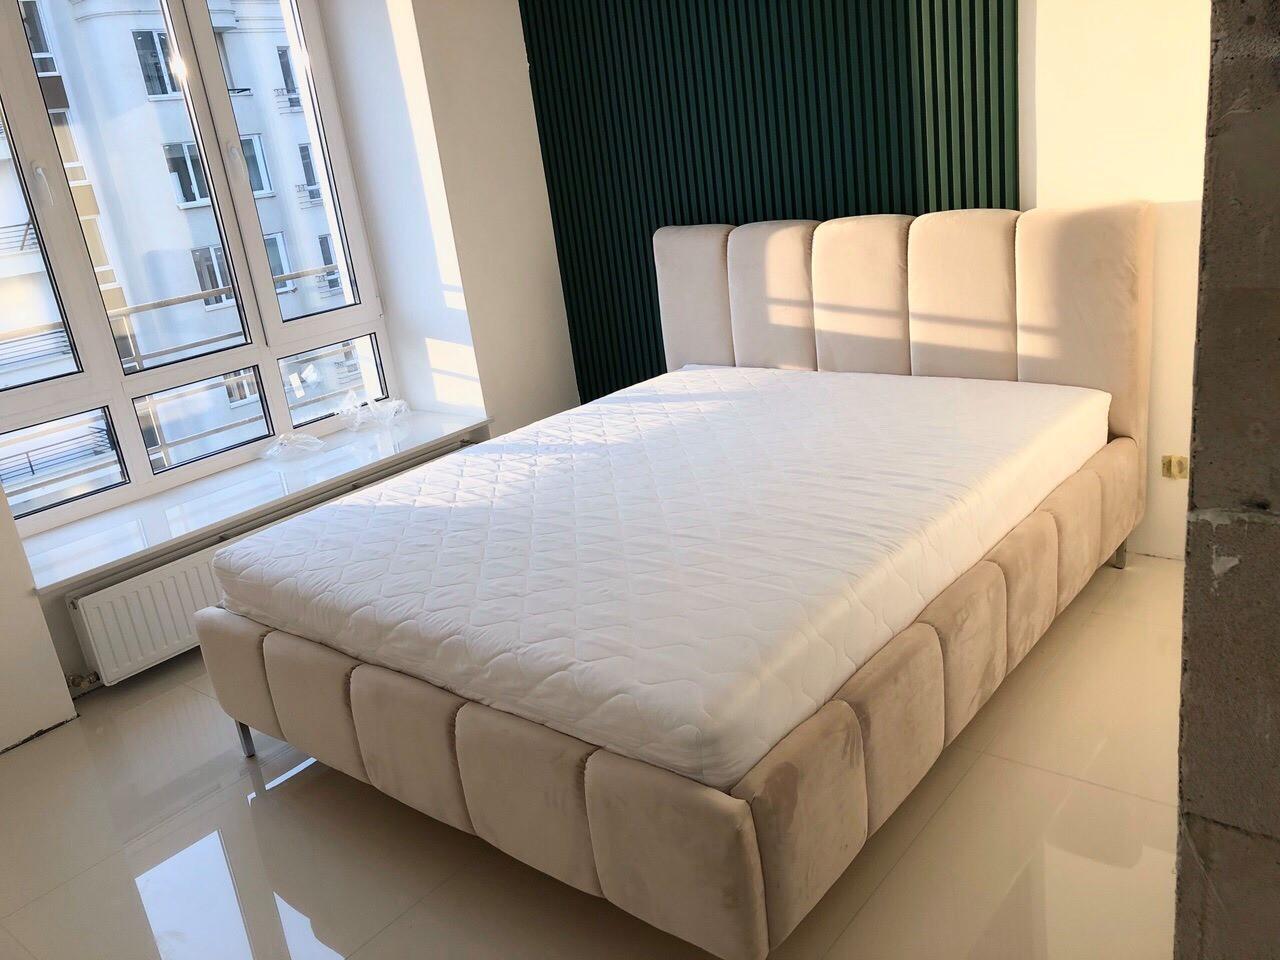 М'яке ліжко двоспальне Брідж(беж) з підйомним механізмом 180х200